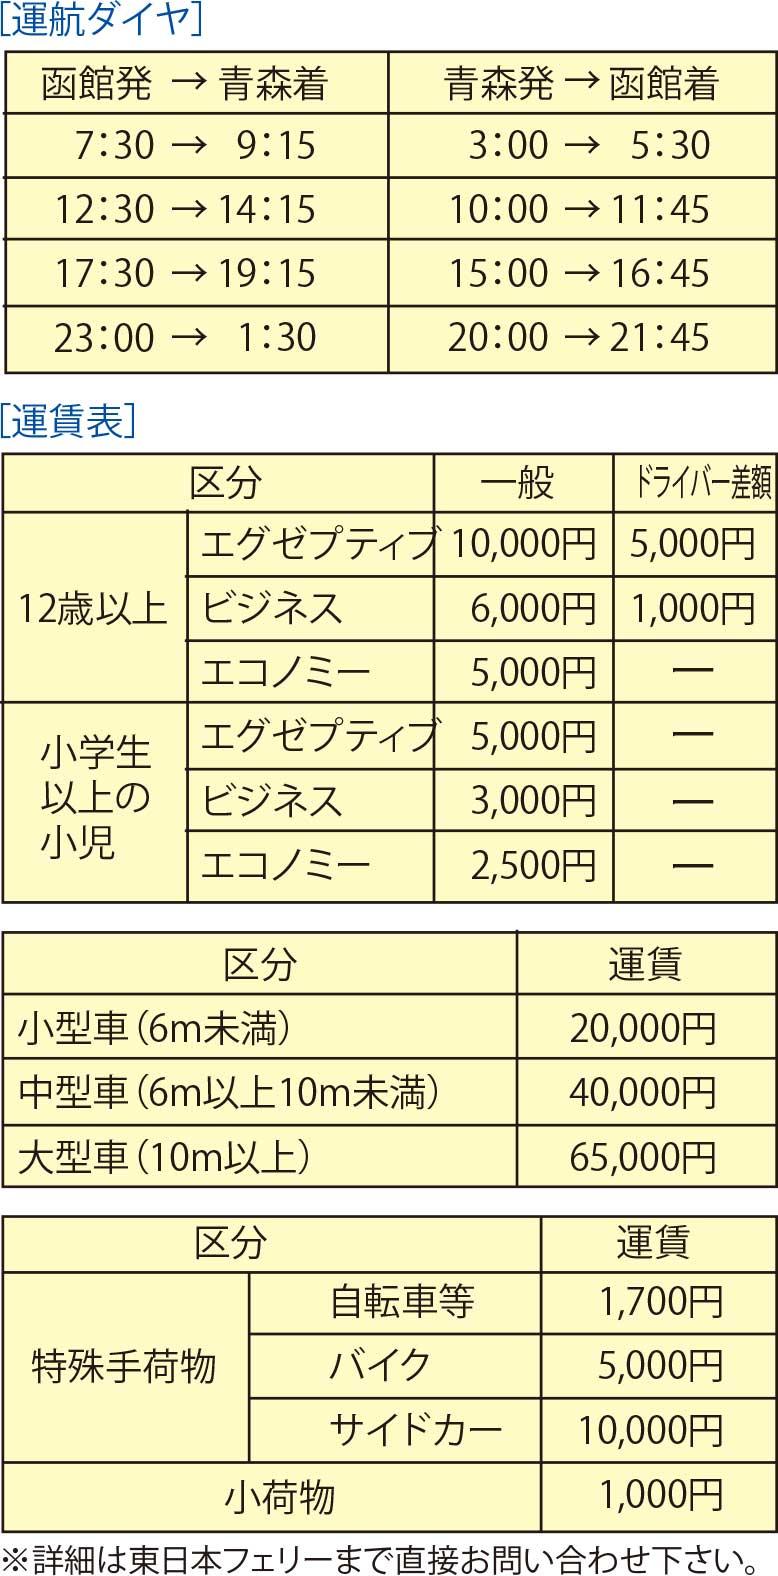 ナッチャンReraの運行ダイヤと運賃表